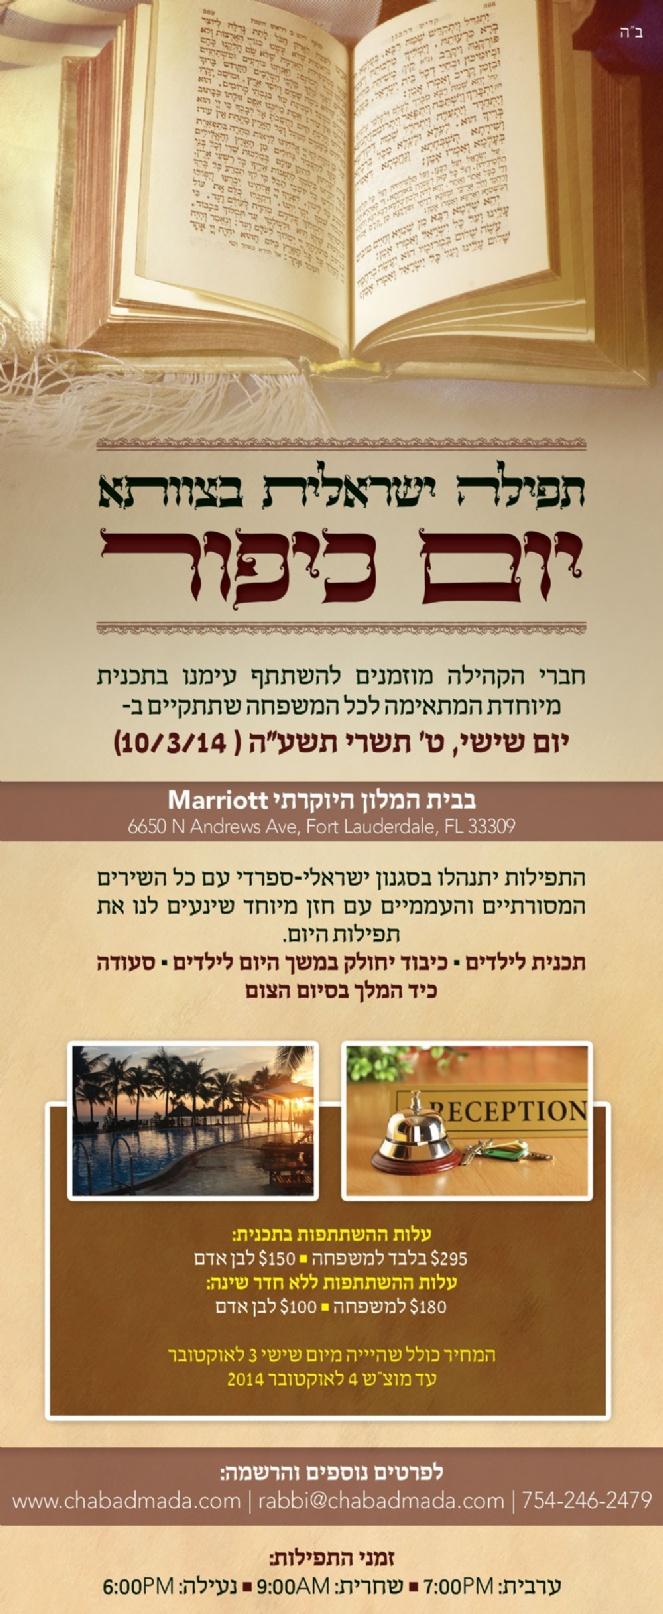 Yom Kippur 5775 Hertzel.JPG